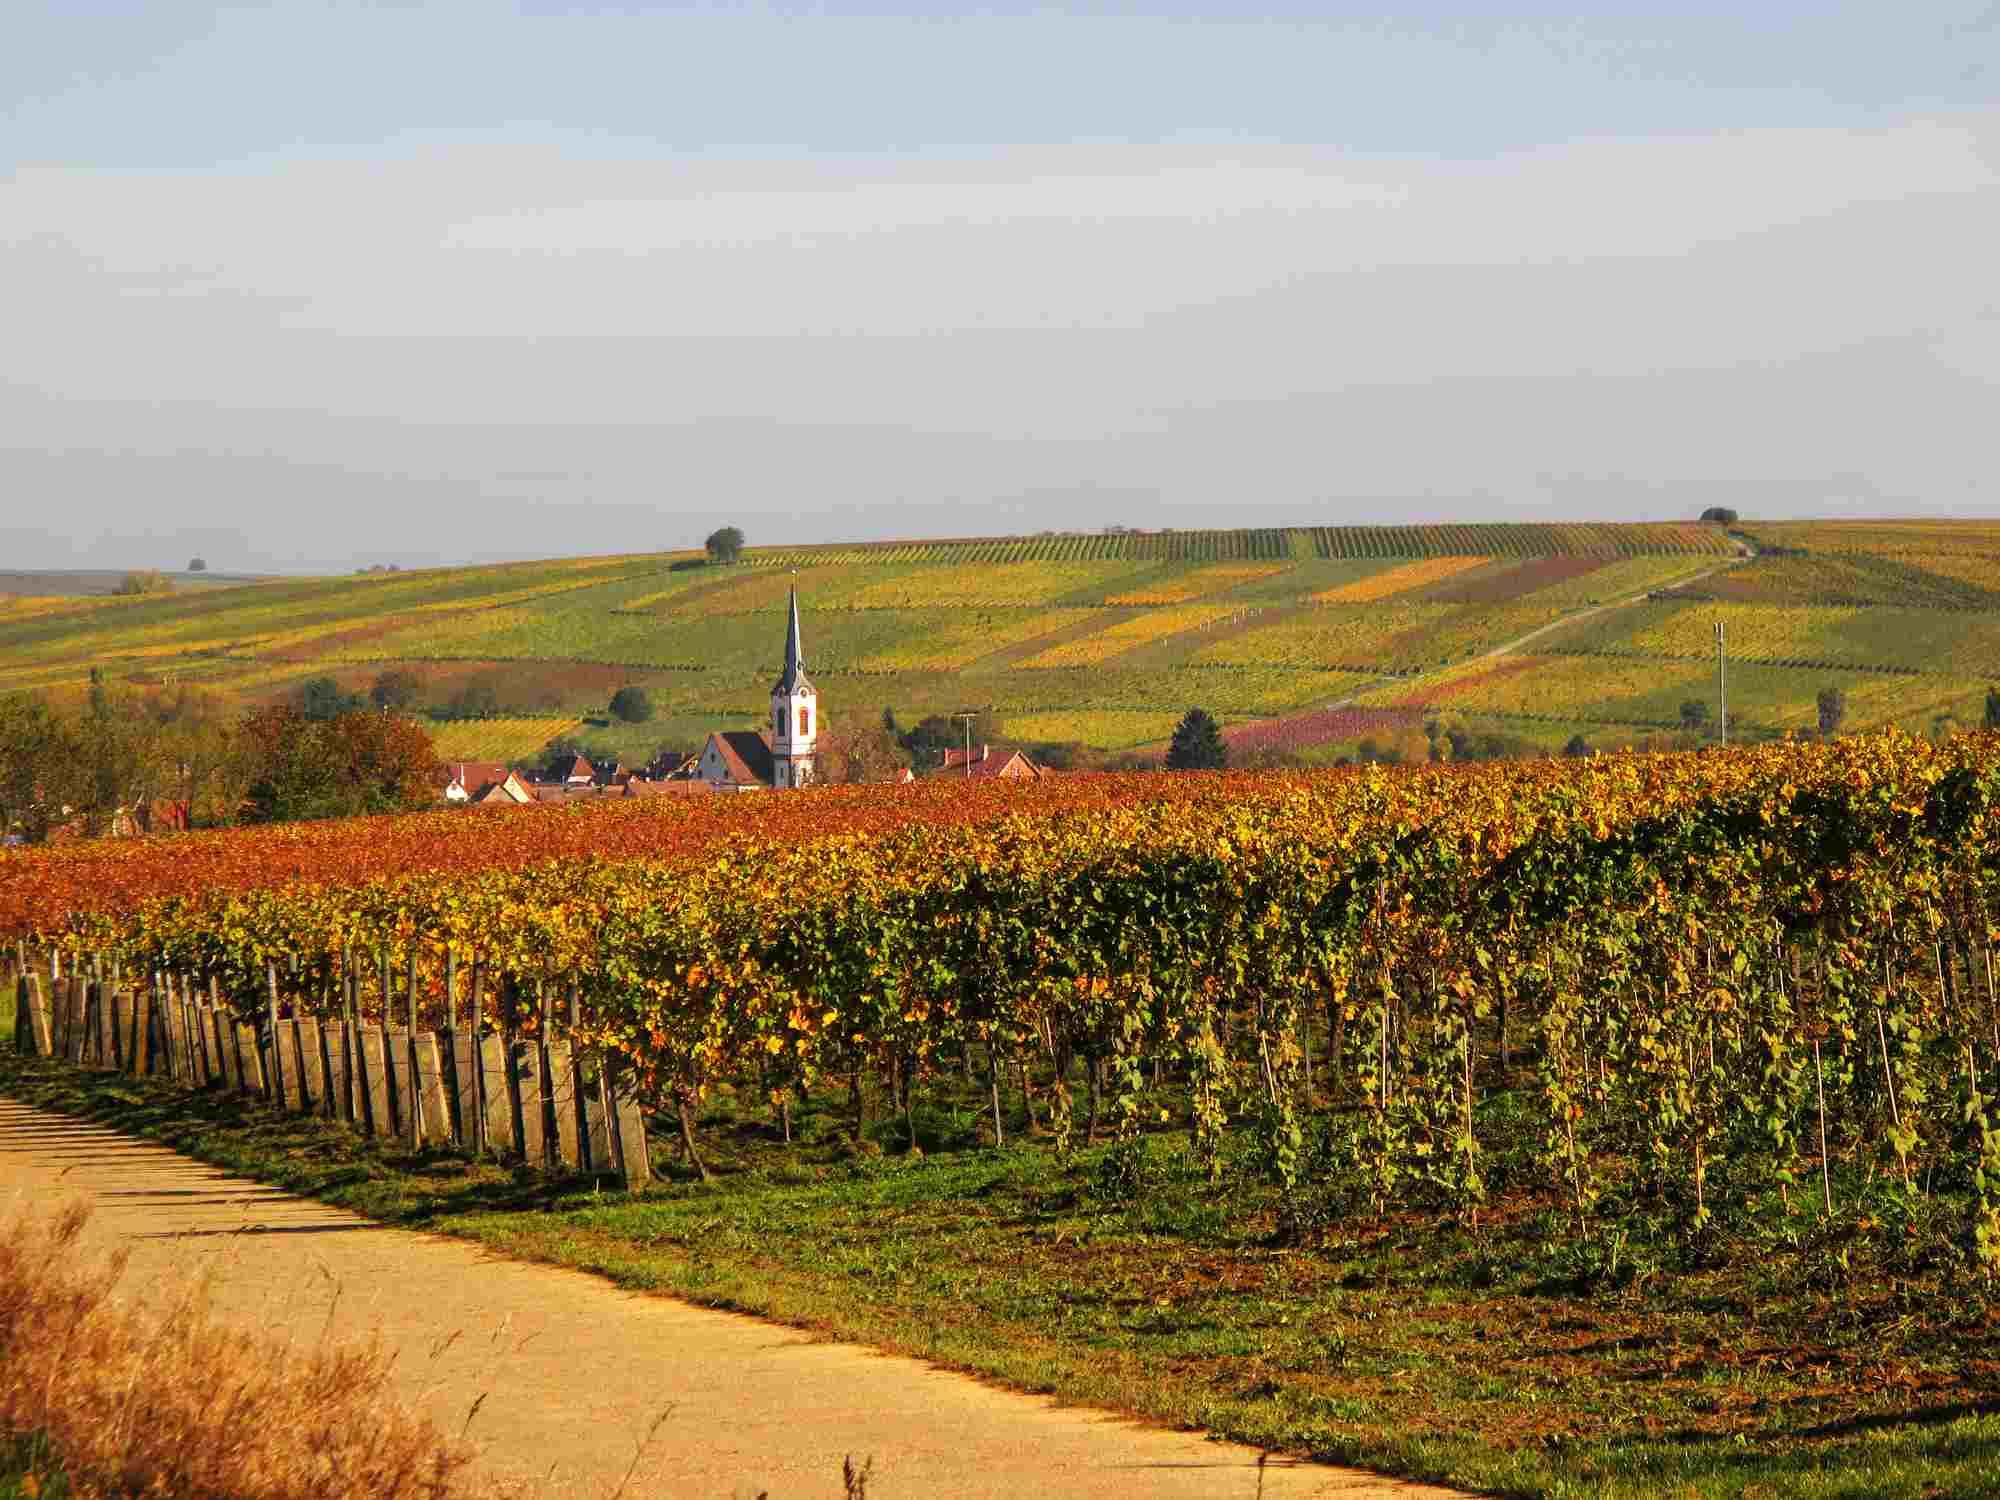 Campos de vino en otoño, Renania -Palatinate, Alemania